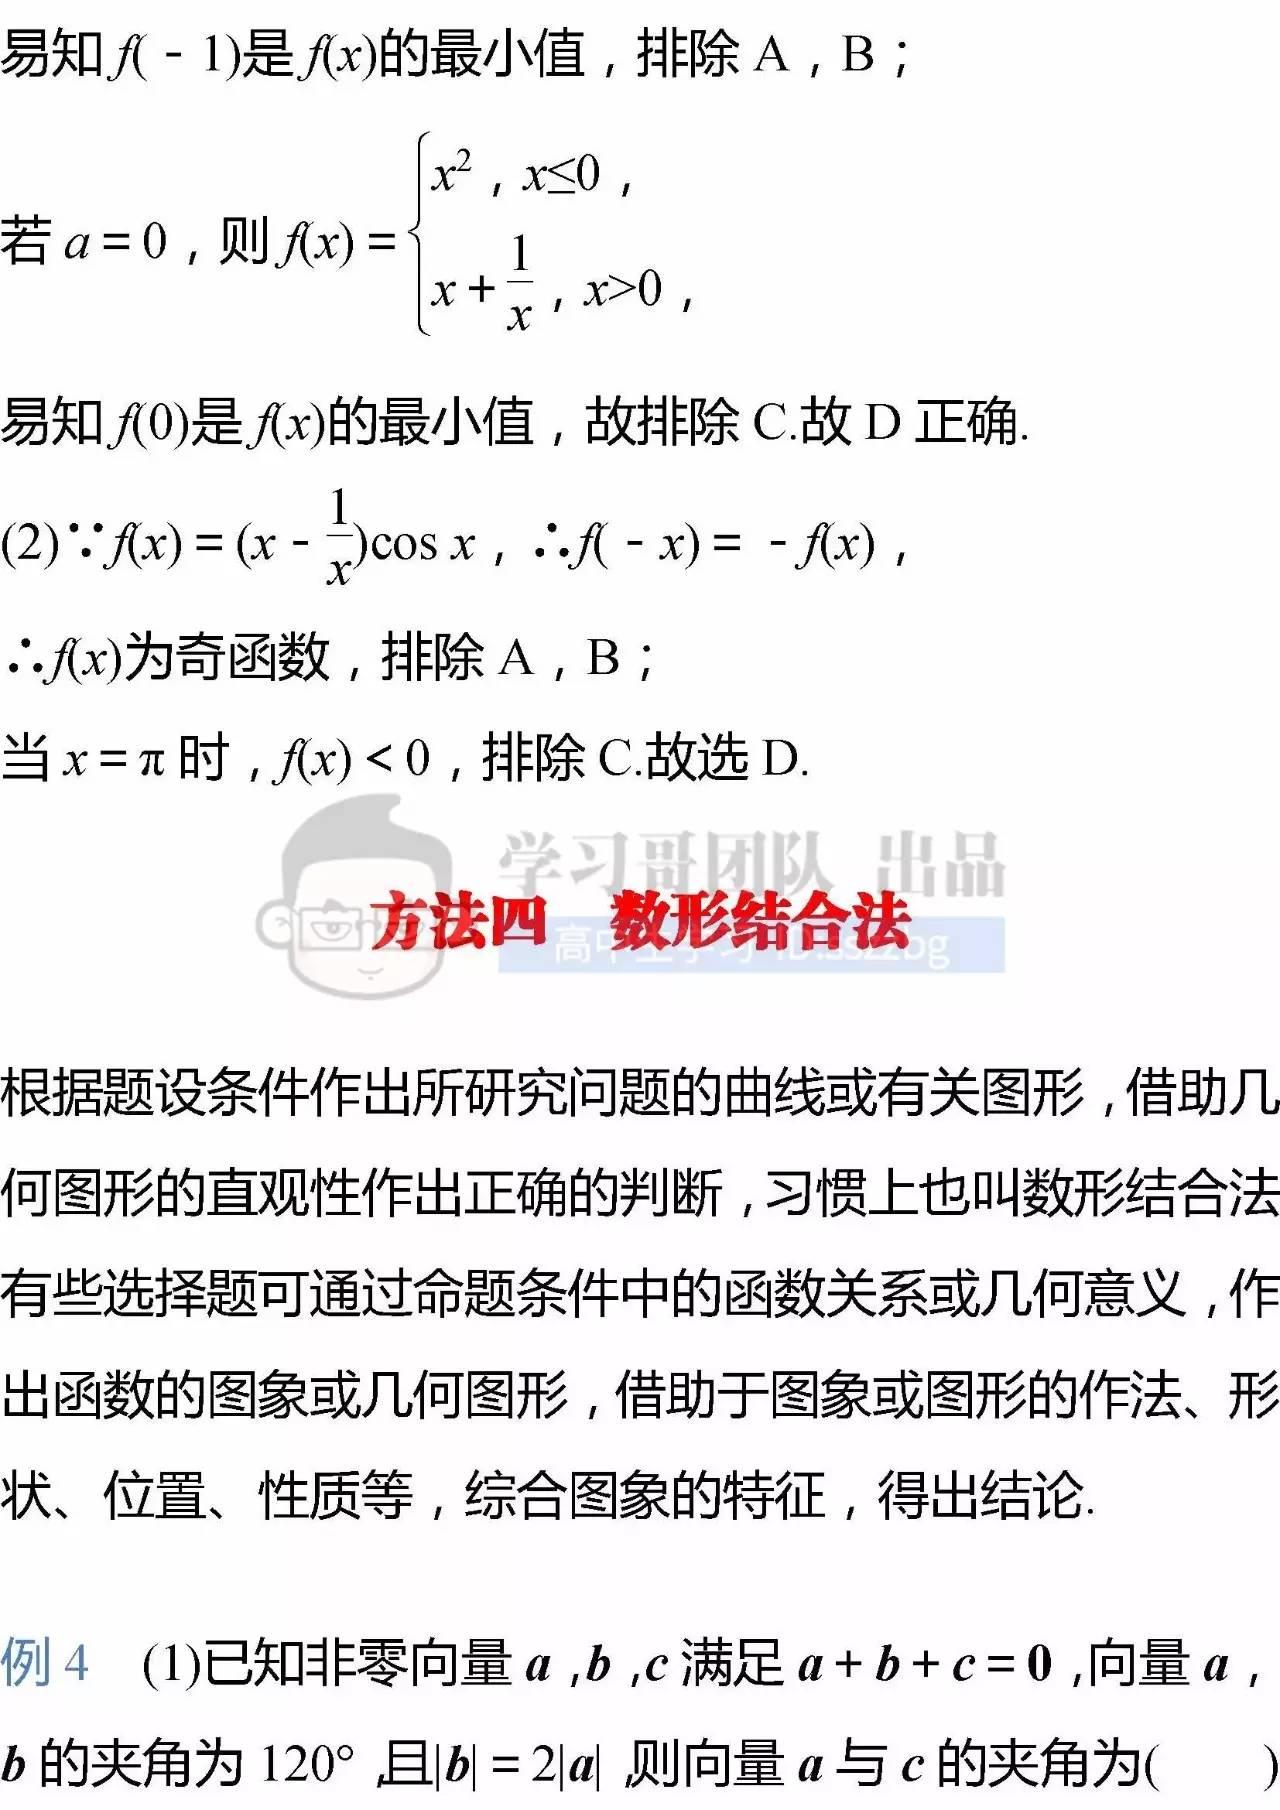 6种要领、4种计策让你高考数学选择题、填空题不再失分!绝对有用(责编保举:数学教案jxfudao.com/xuesheng)